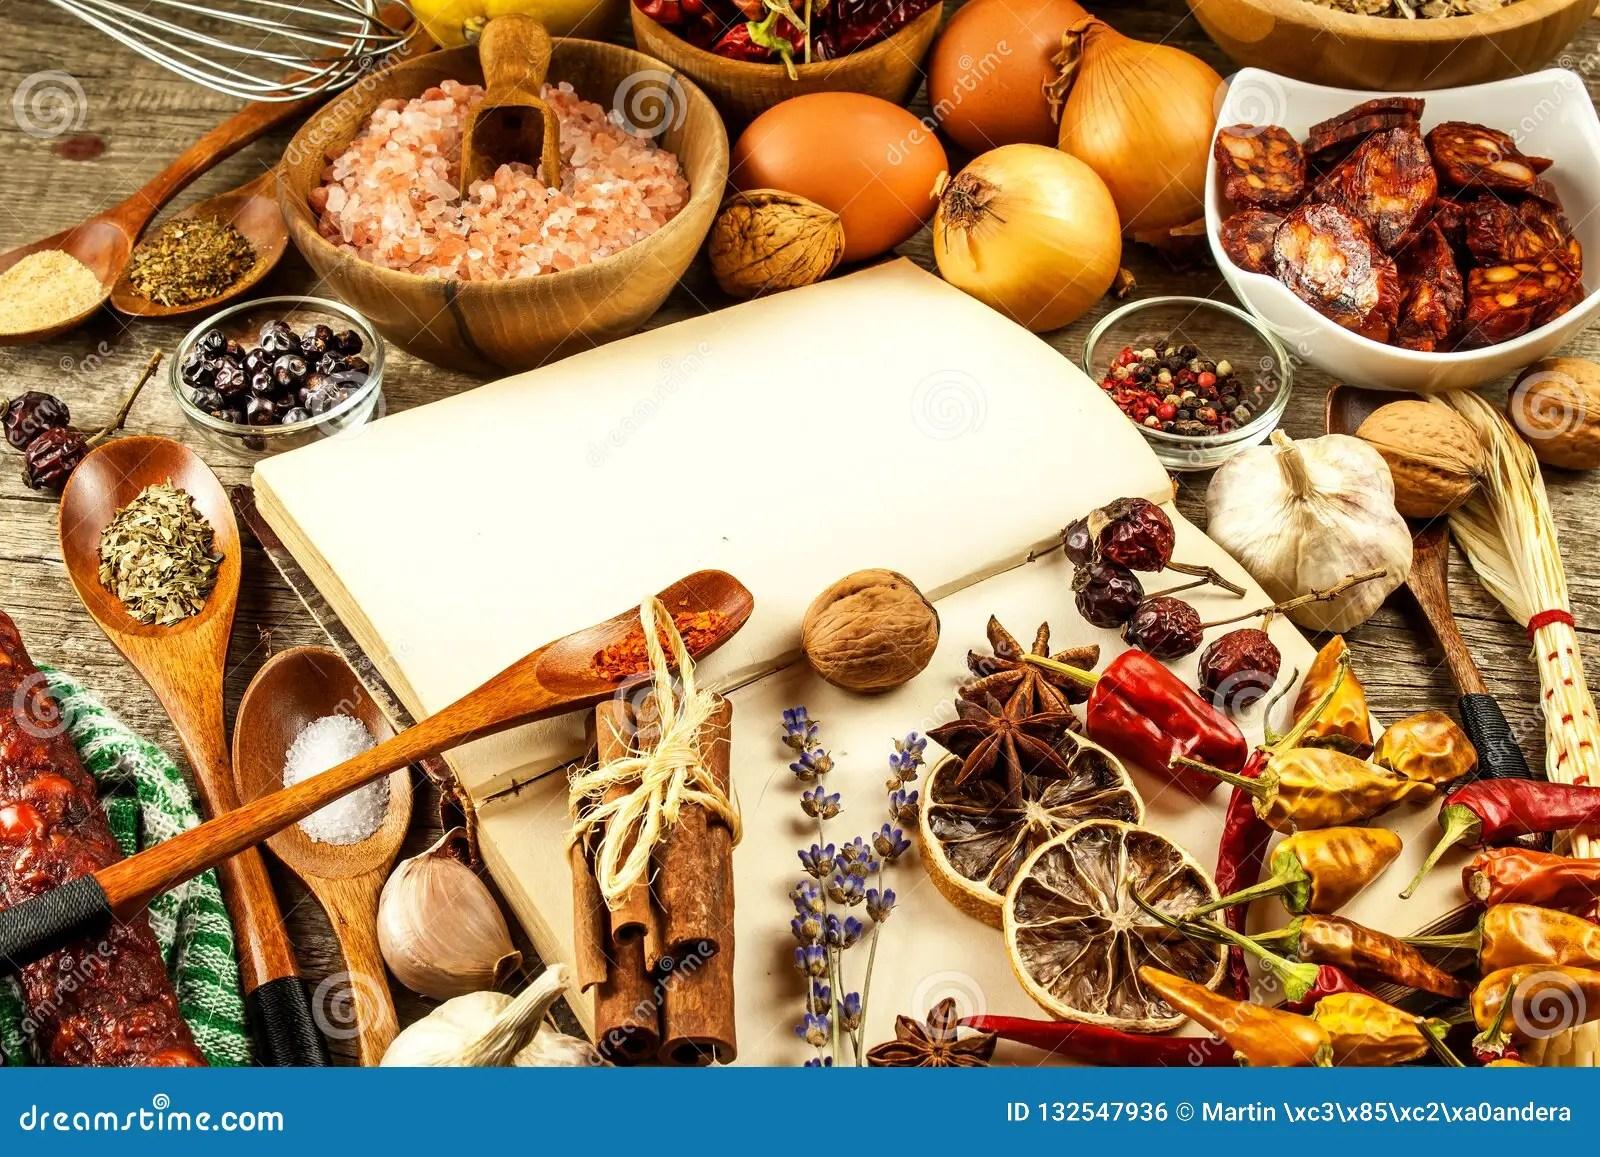 kitchen prep table storage baskets 菜谱和香料在一张木桌上食物例证厨房准备向量妇女一本旧书在厨房里食物的 菜谱和香料在一张木桌上食物例证厨房准备向量妇女一